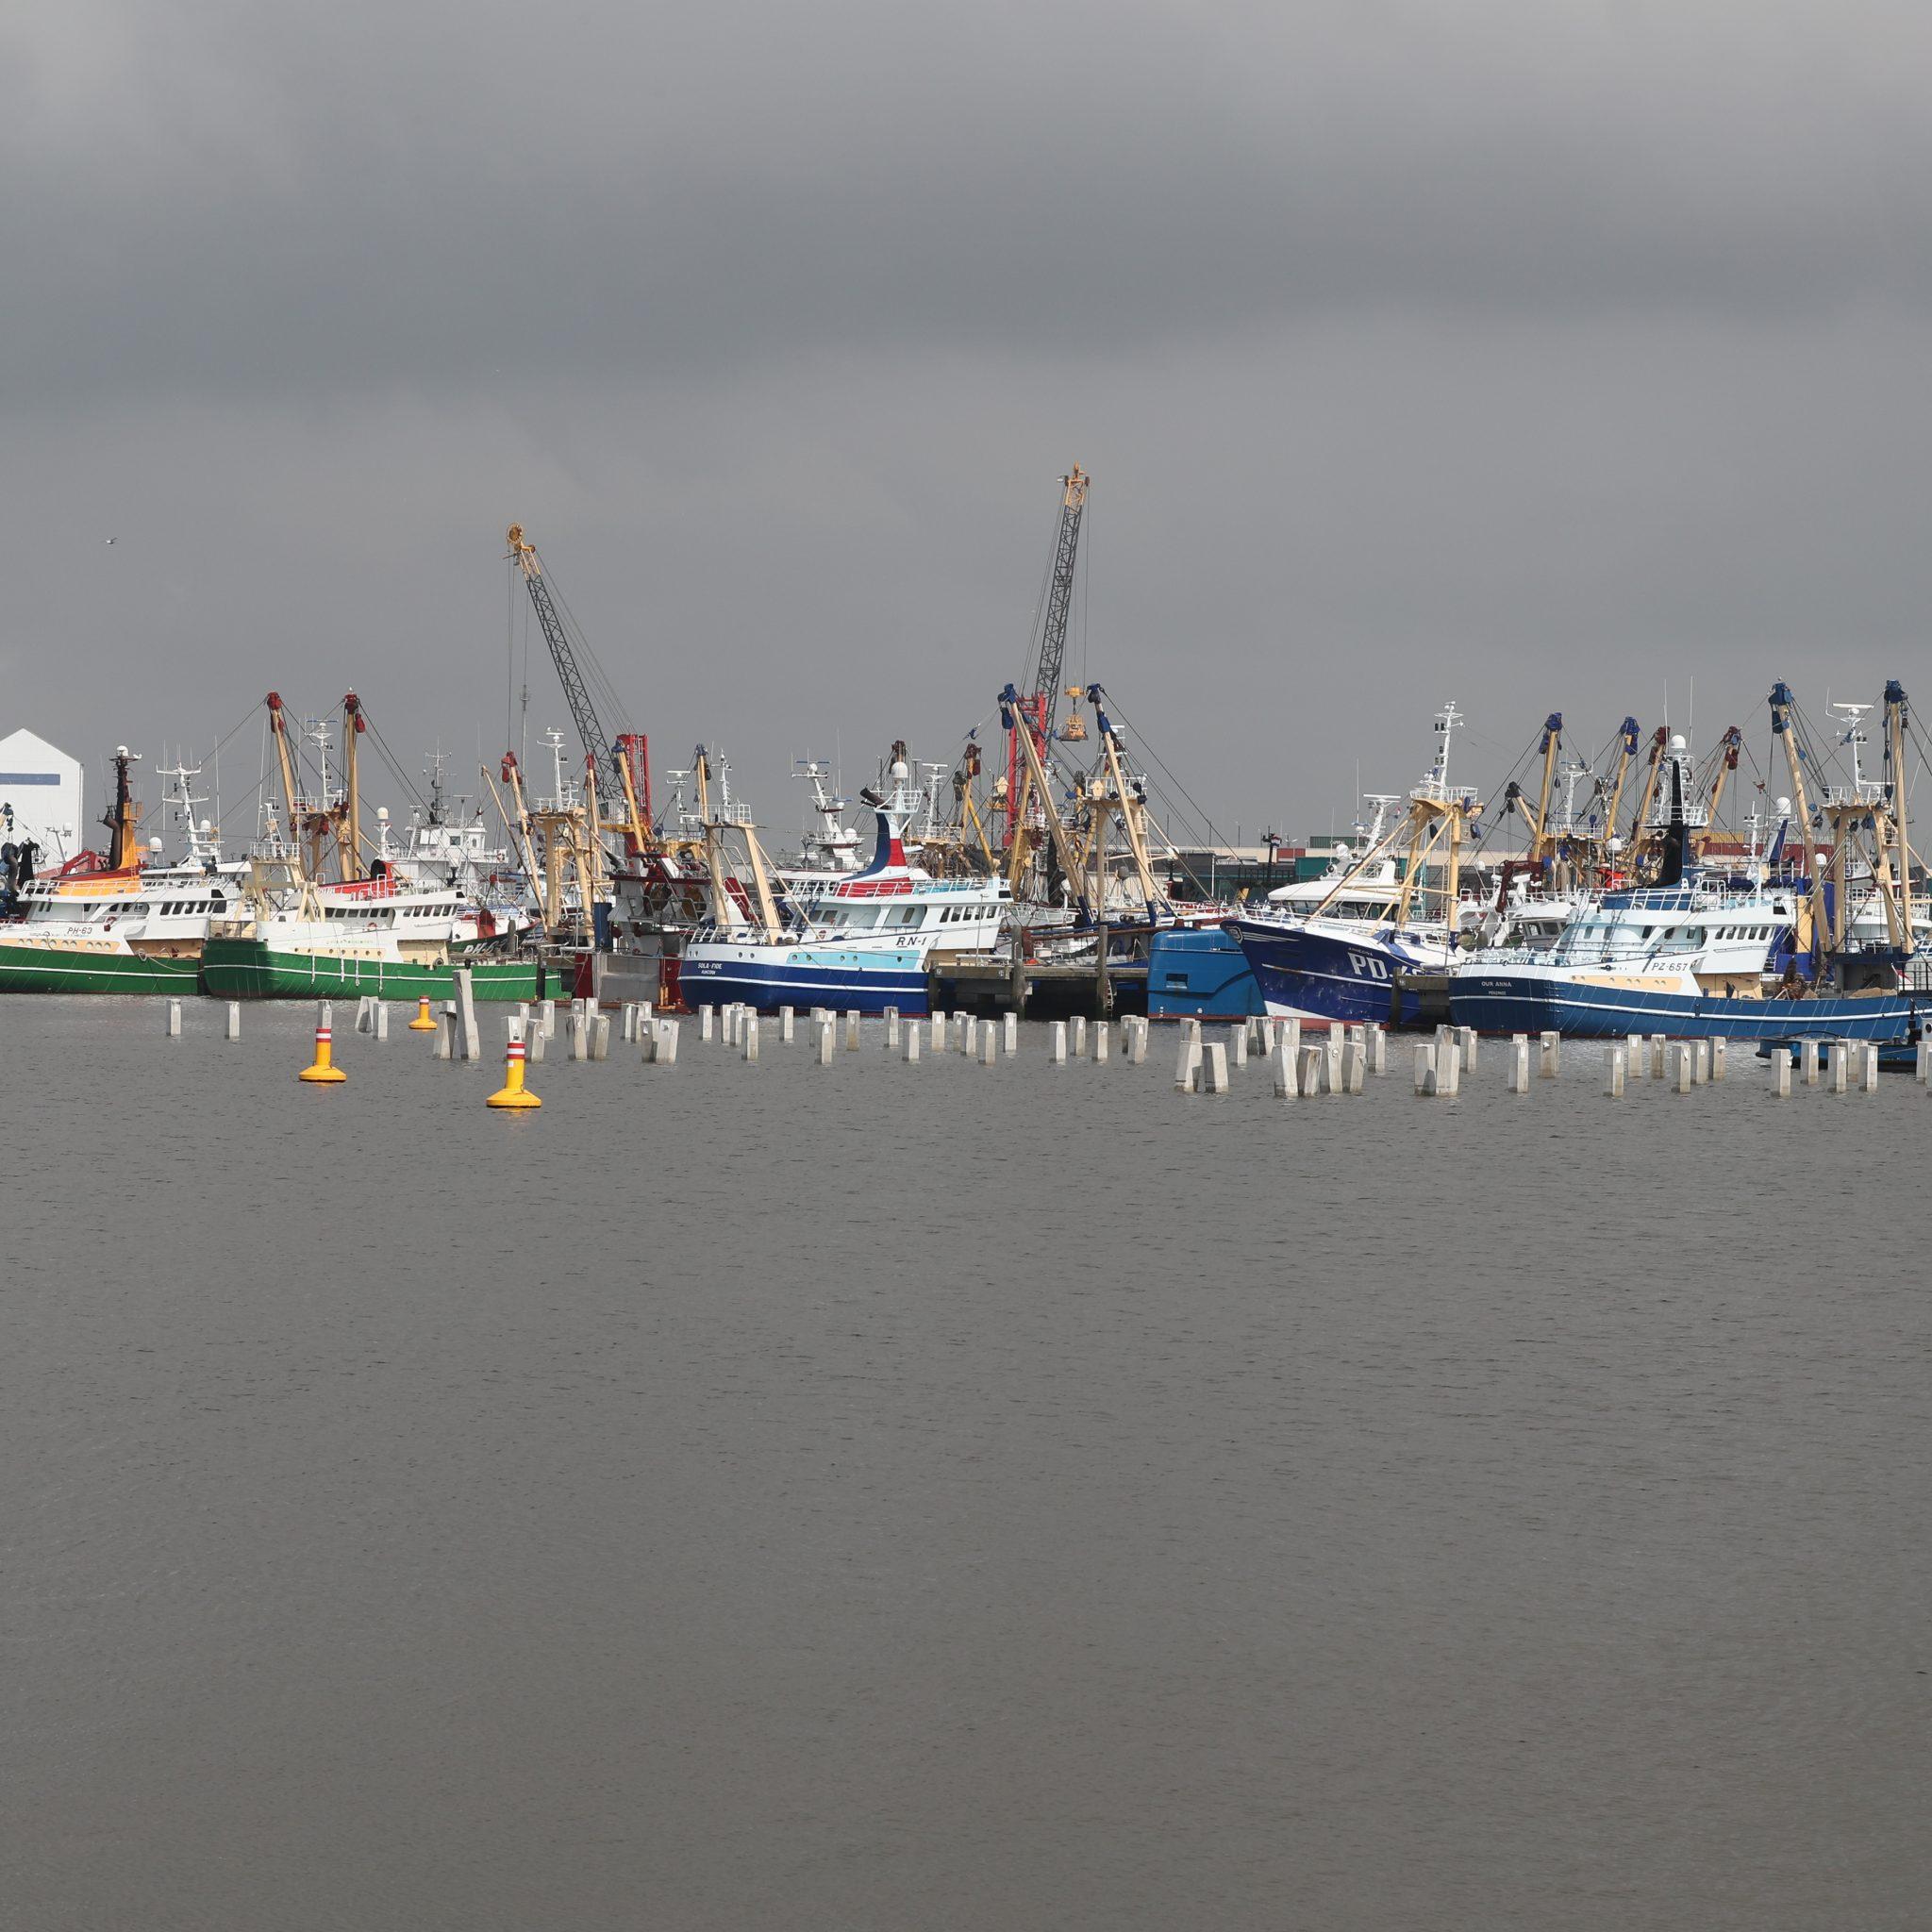 De betonnen palen in de Nieuwe Vissershaven zijn goed zichtbaar. (Foto Bram Pronk)